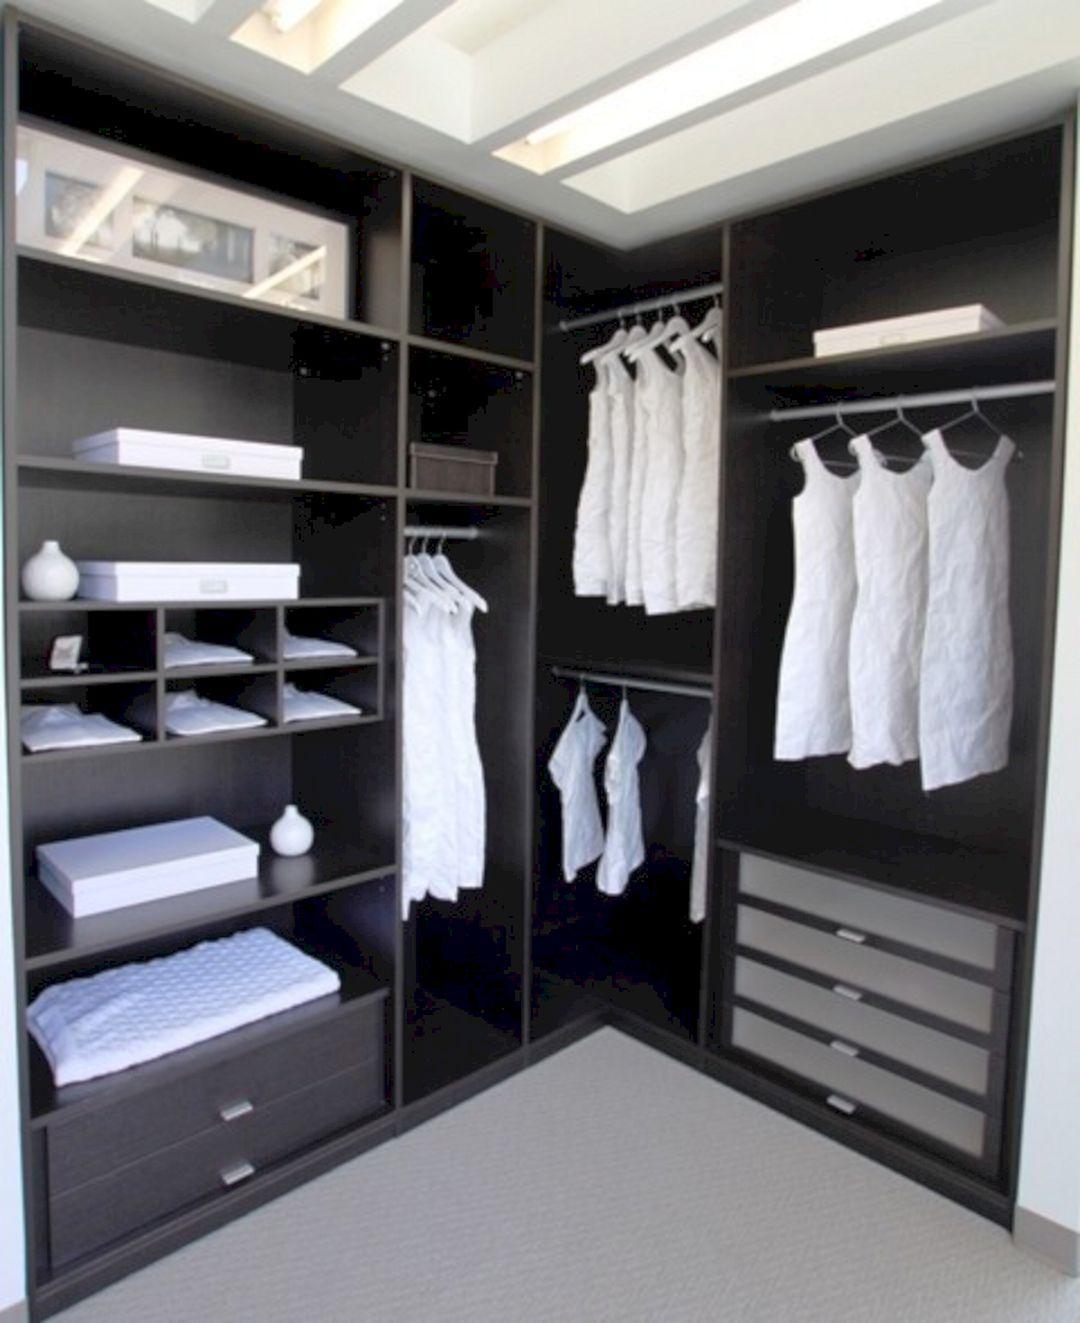 20 Beautiful California Closet Design Ideas To Enhance Your Bathroom Freshouz Com Closet Designs Closet Renovation California Closets